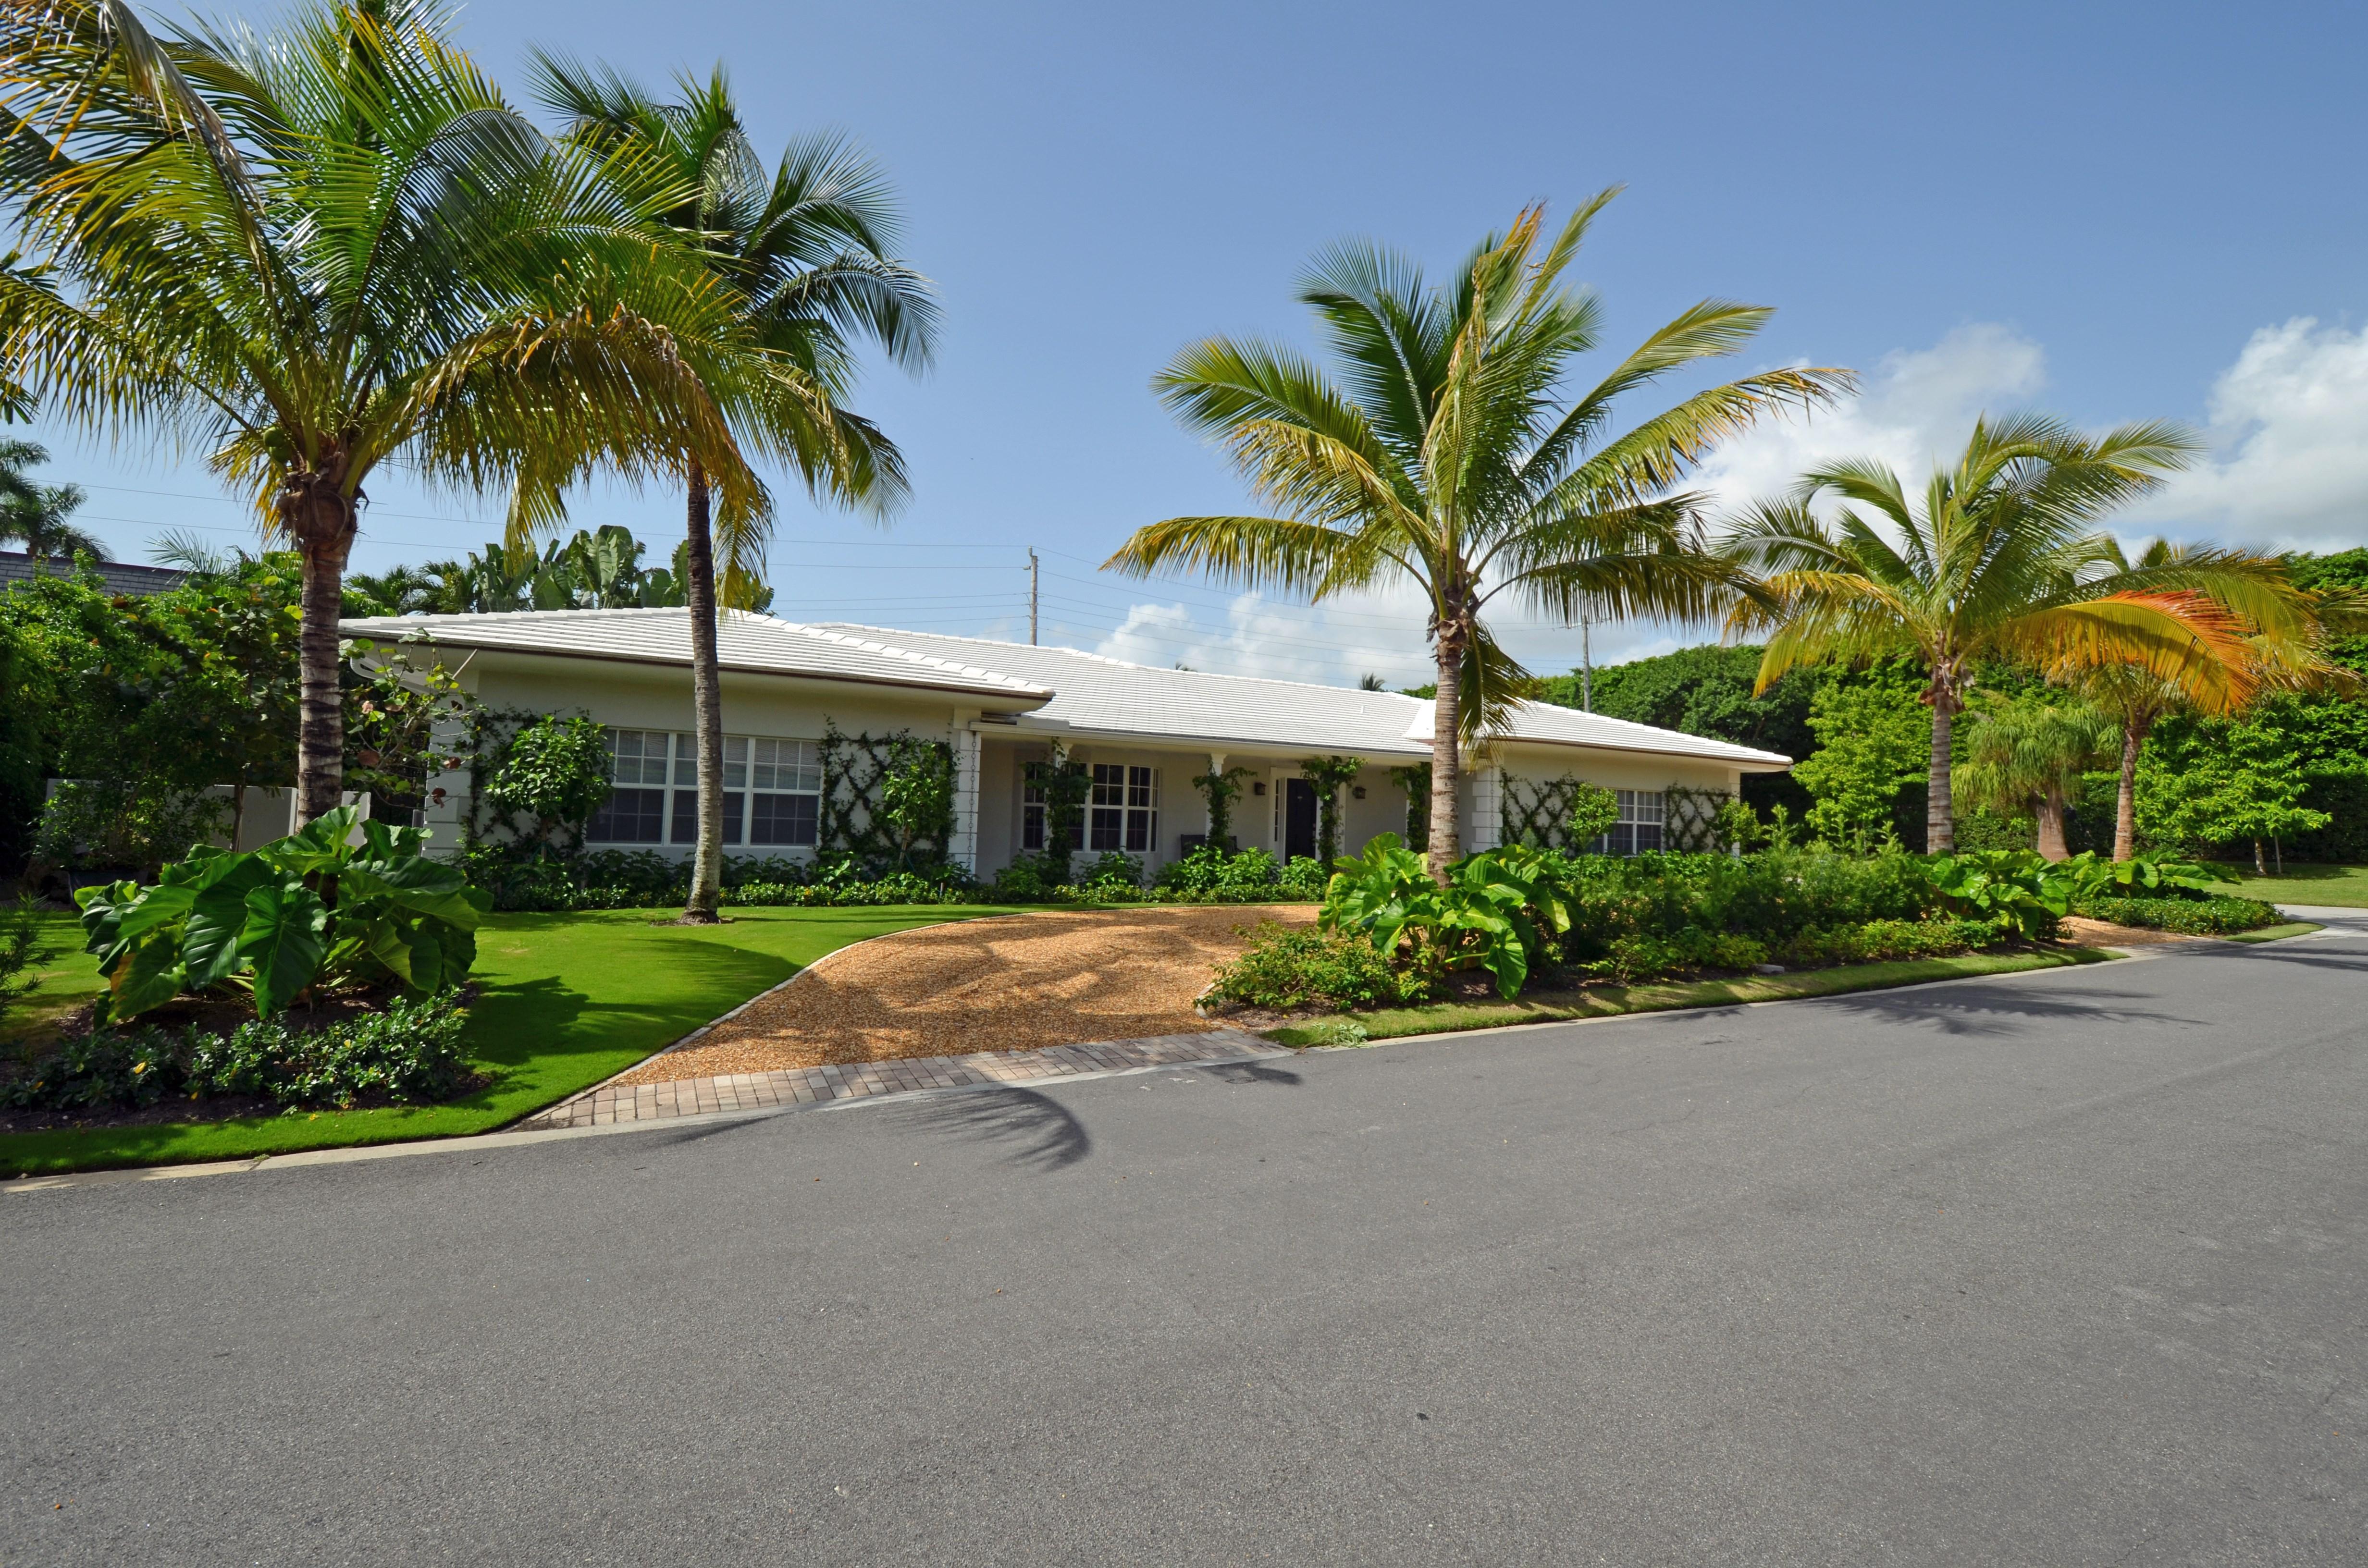 Maison unifamiliale pour l Location à Newly Remodeled Bermuda Style 270 El Dorado Ln Palm Beach, Florida 33480 États-Unis